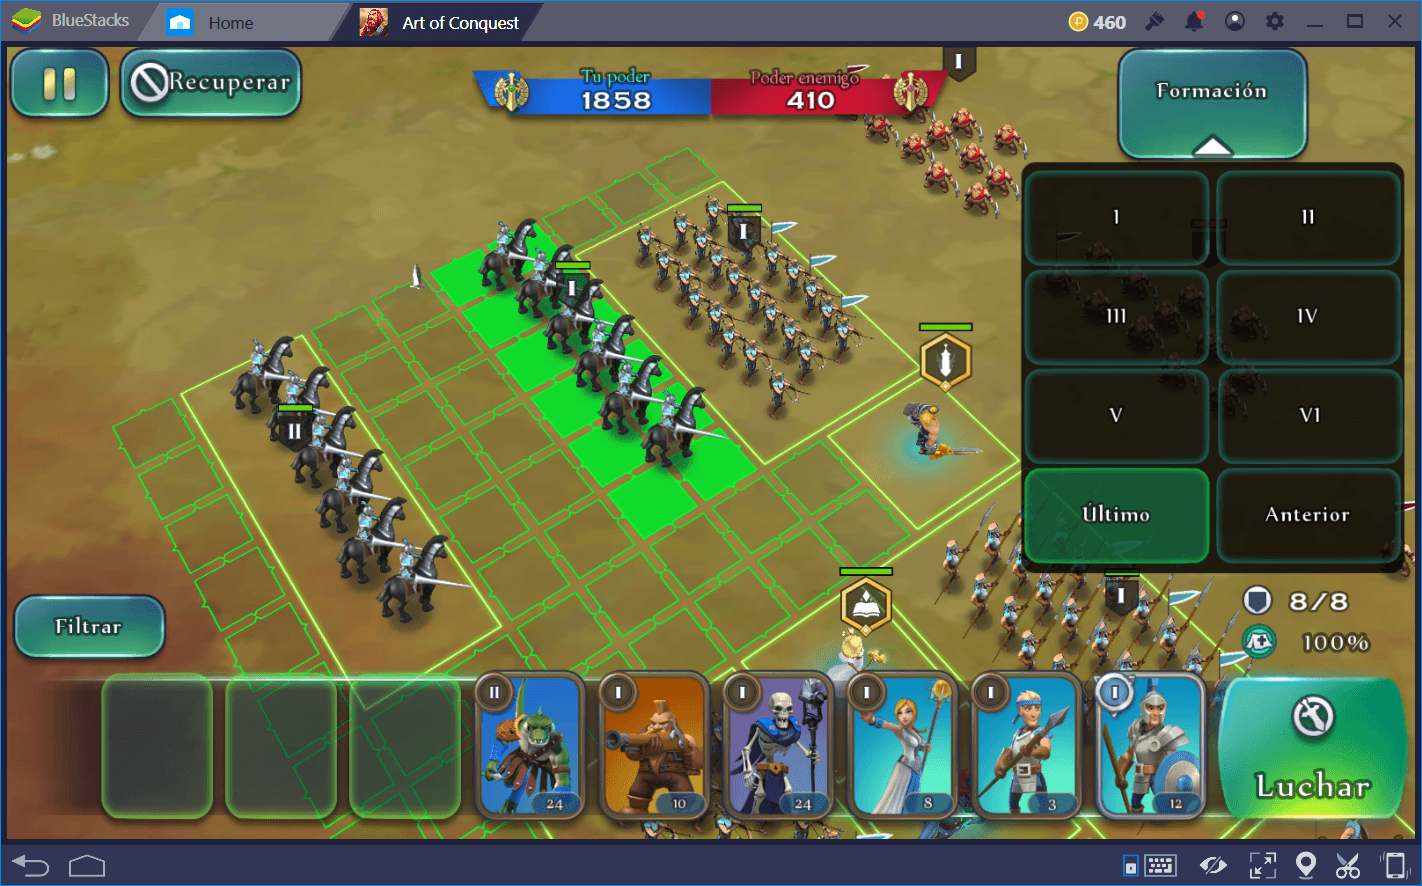 Consejos Generales para Art of Conquest (AoC)